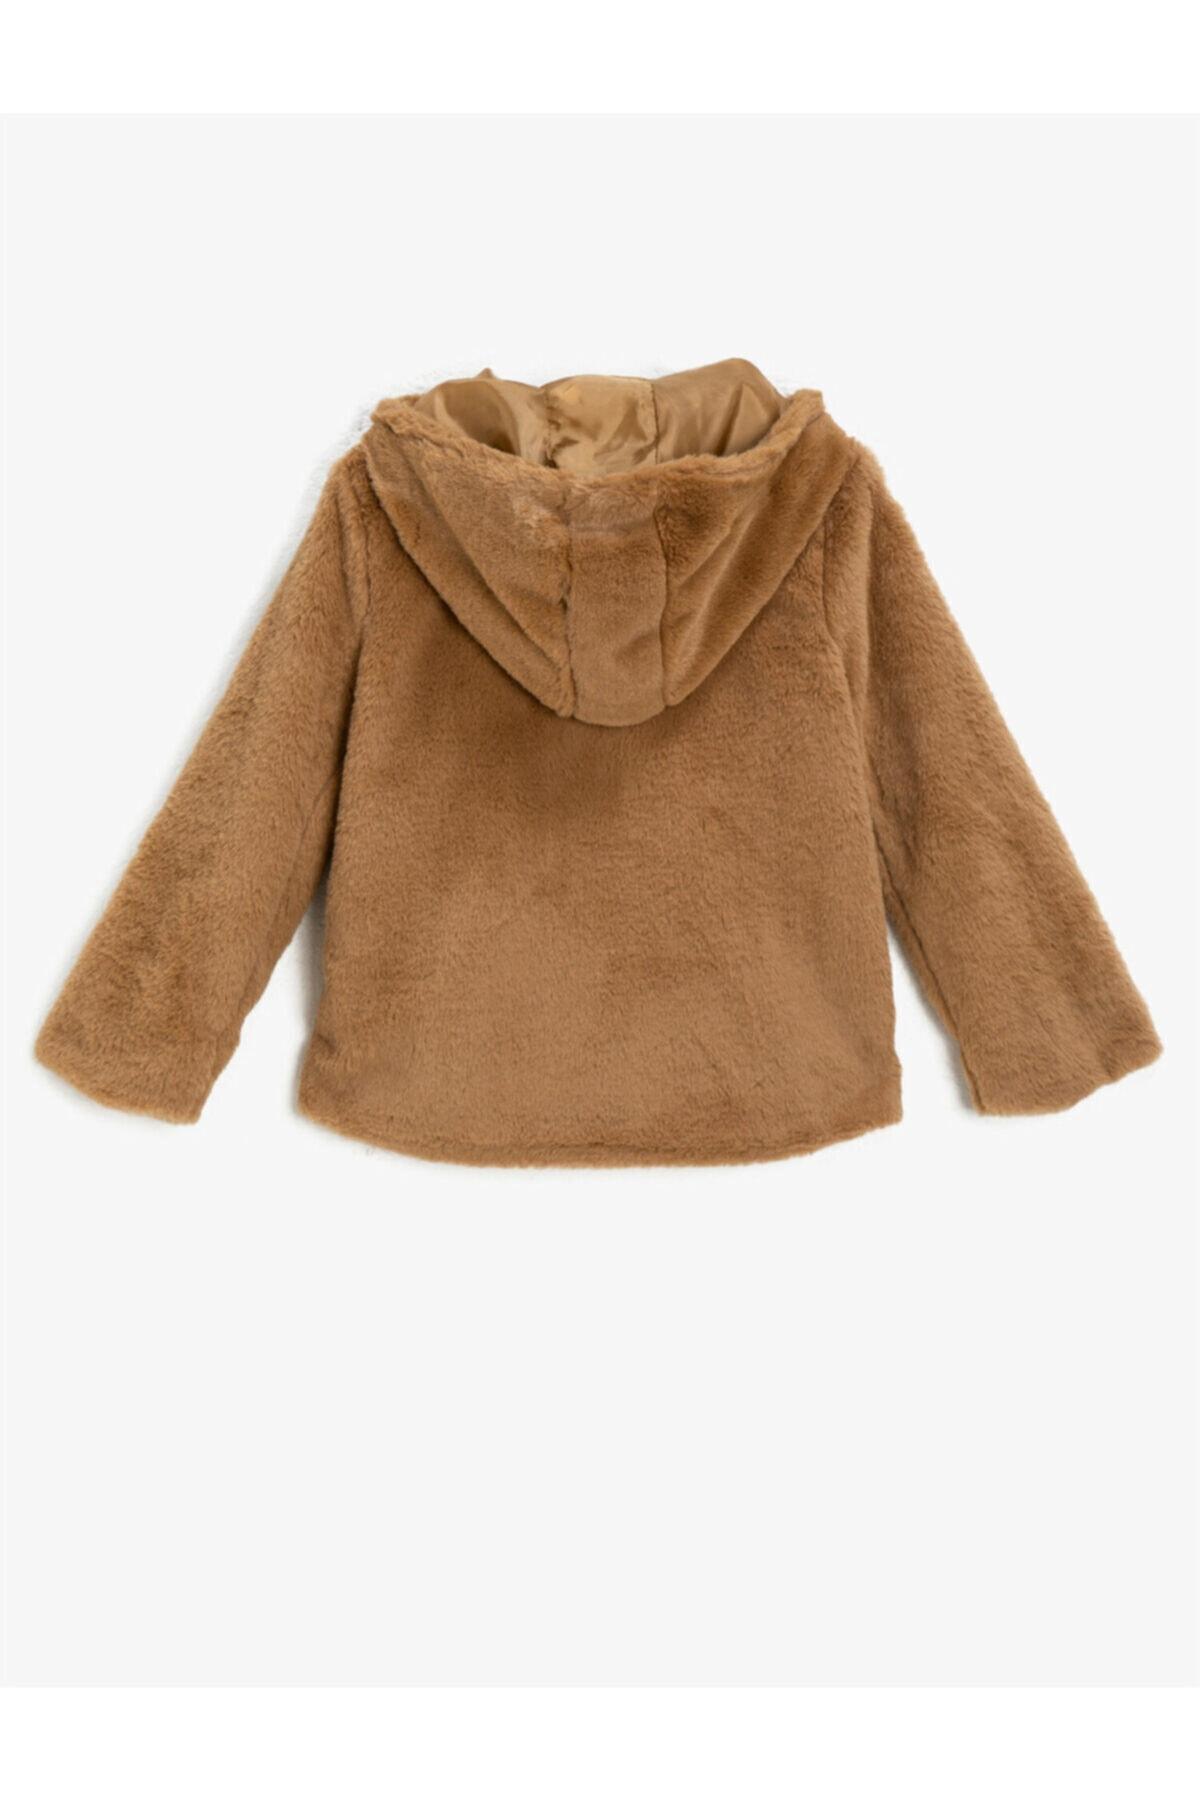 Koton Kız Çocuk Kahverengi Kapüşonlu Fermuarlı Peluş Mont 2